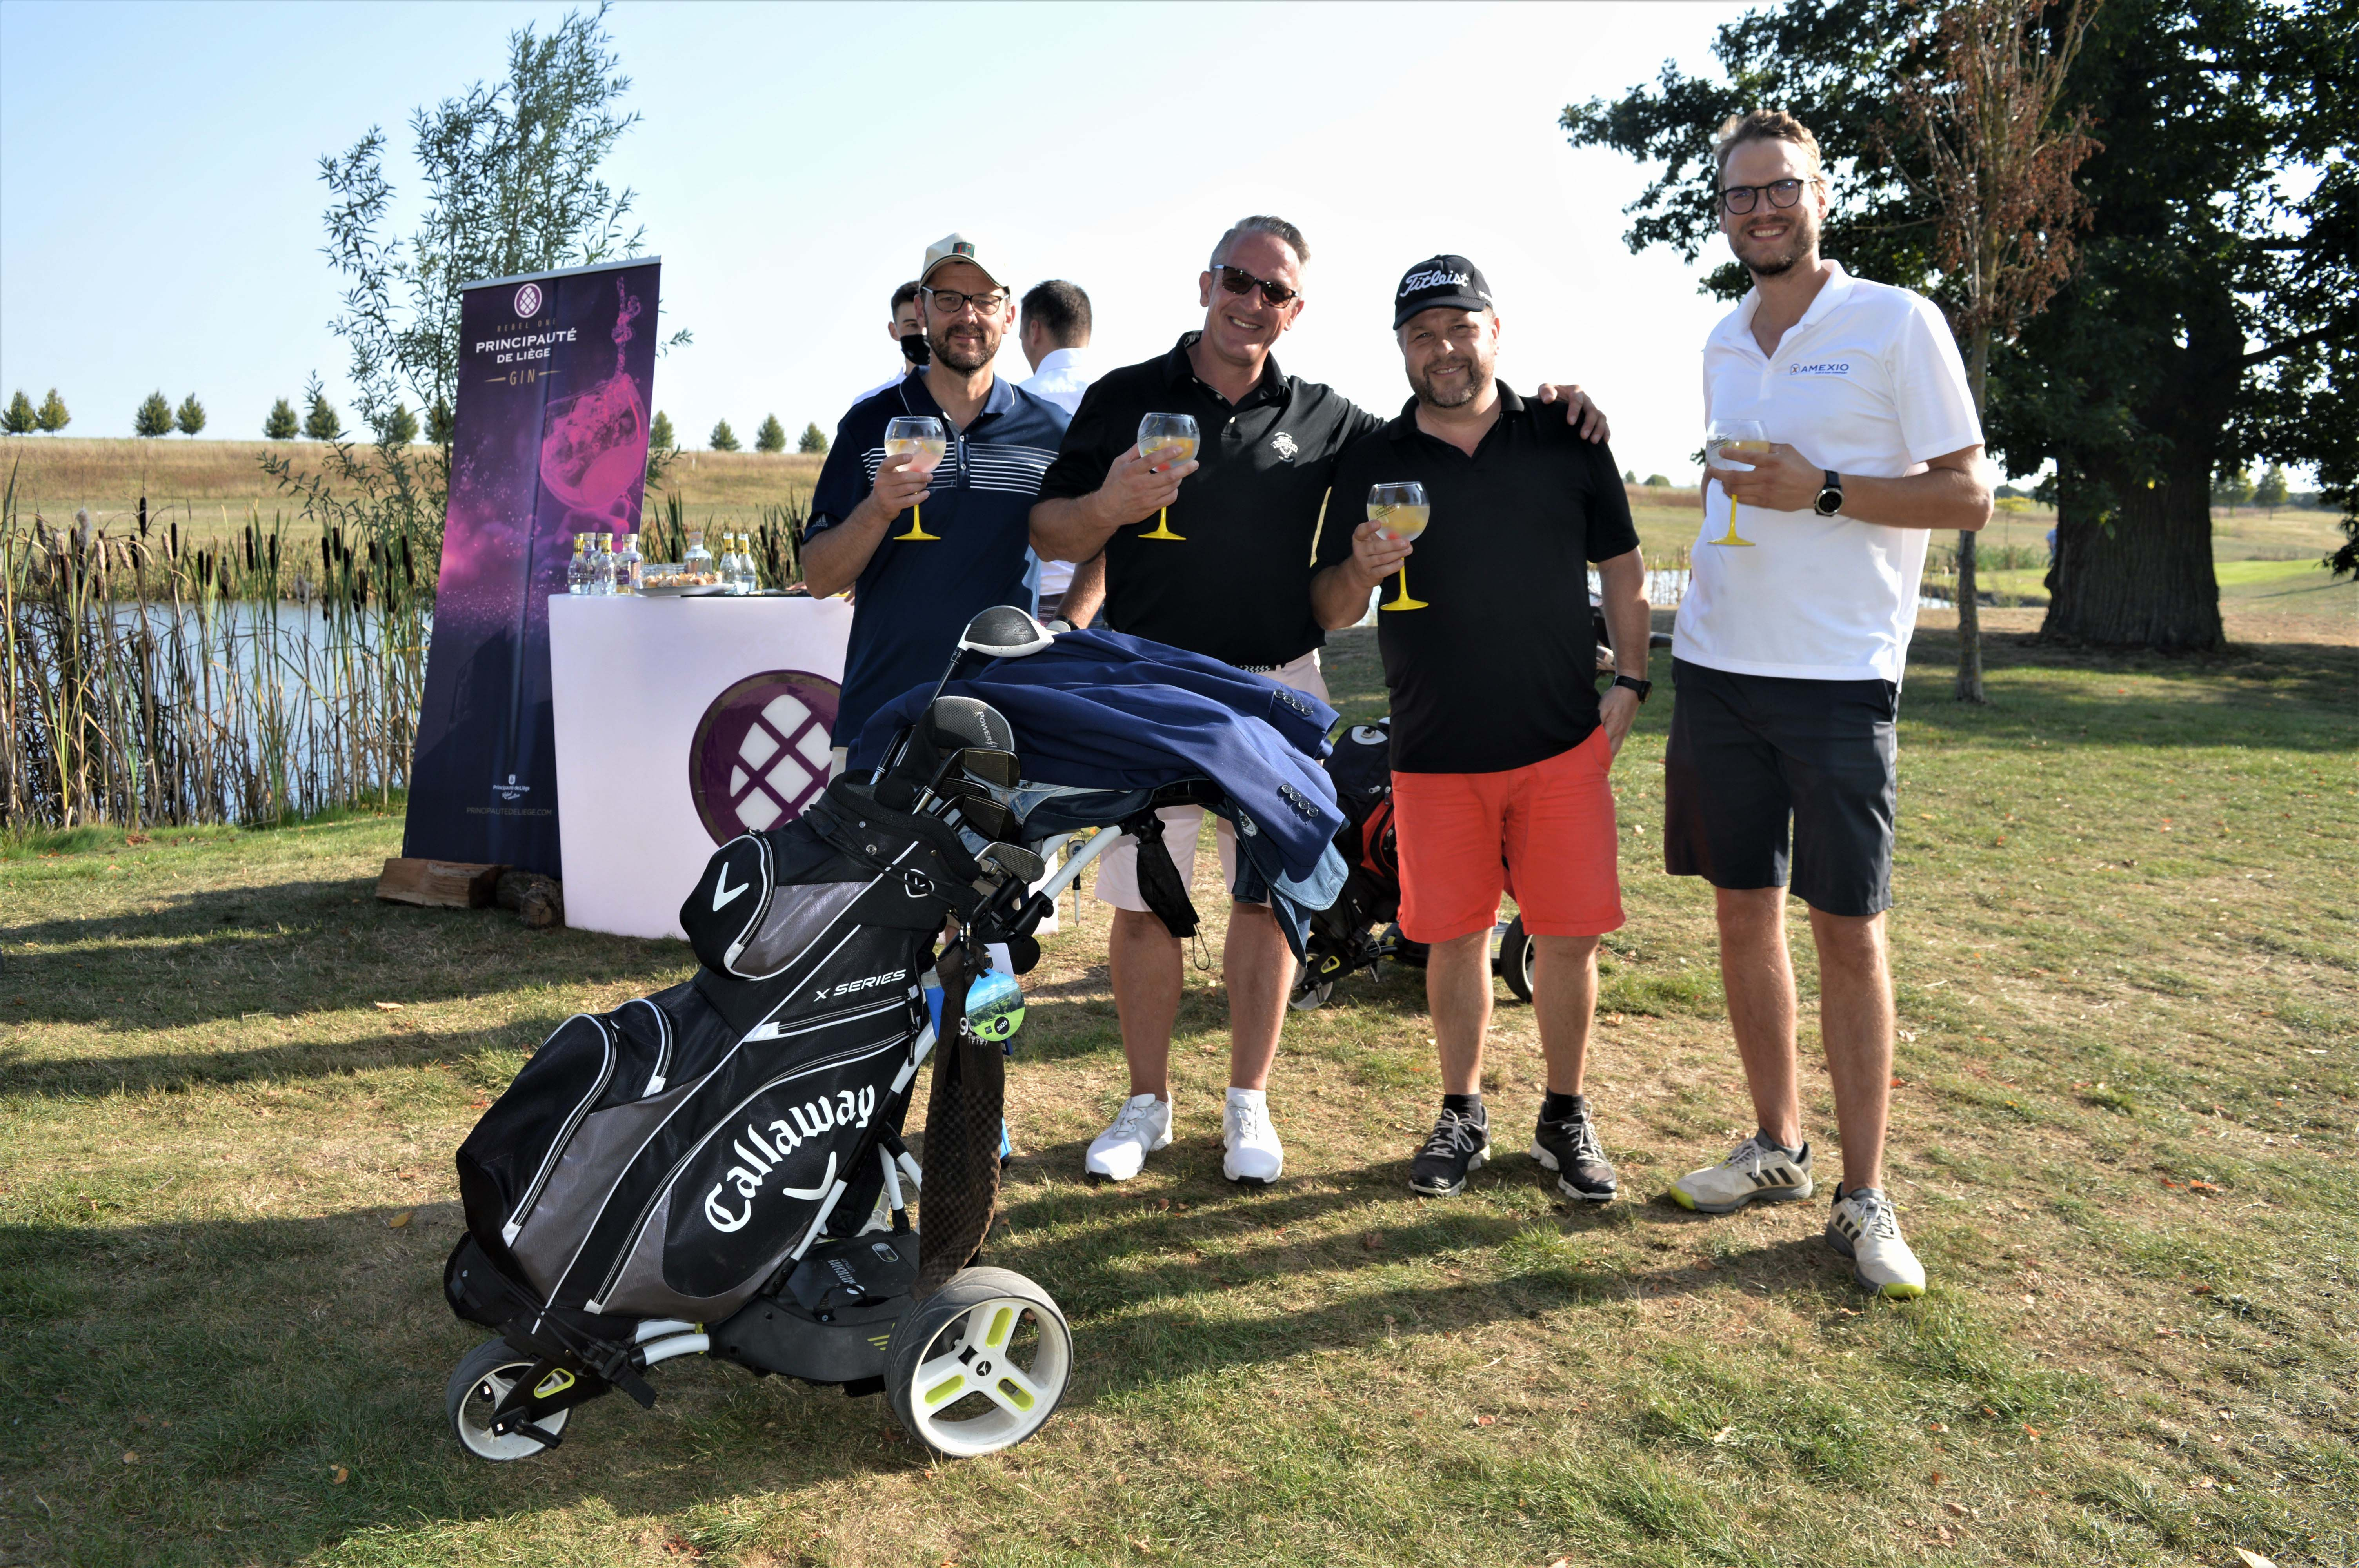 Le tournois Golf 4 Life sponsorisé par Principauté de Liège